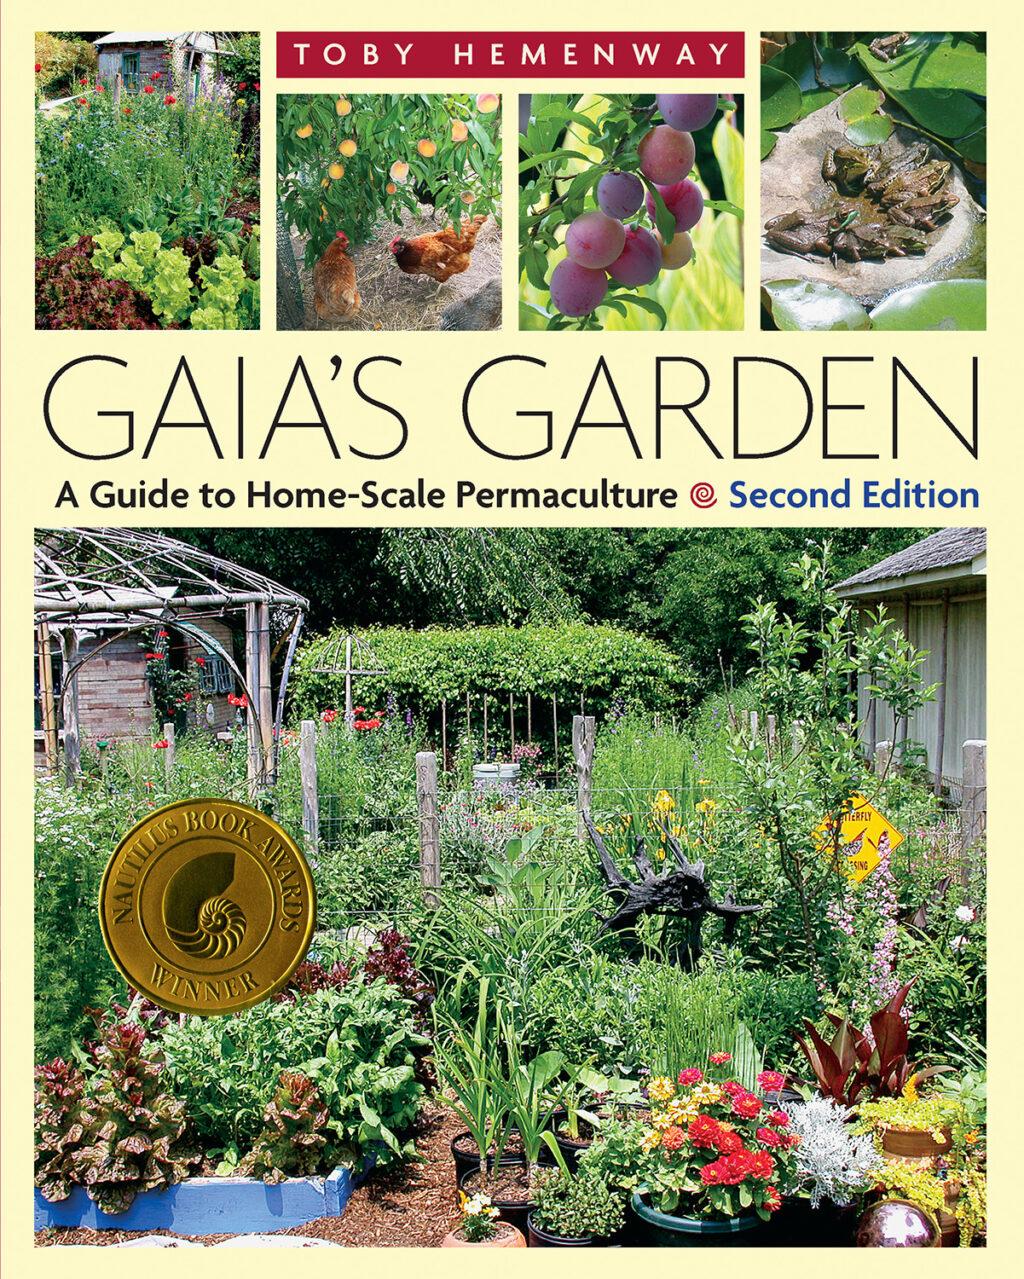 The Gaia's Garden cover